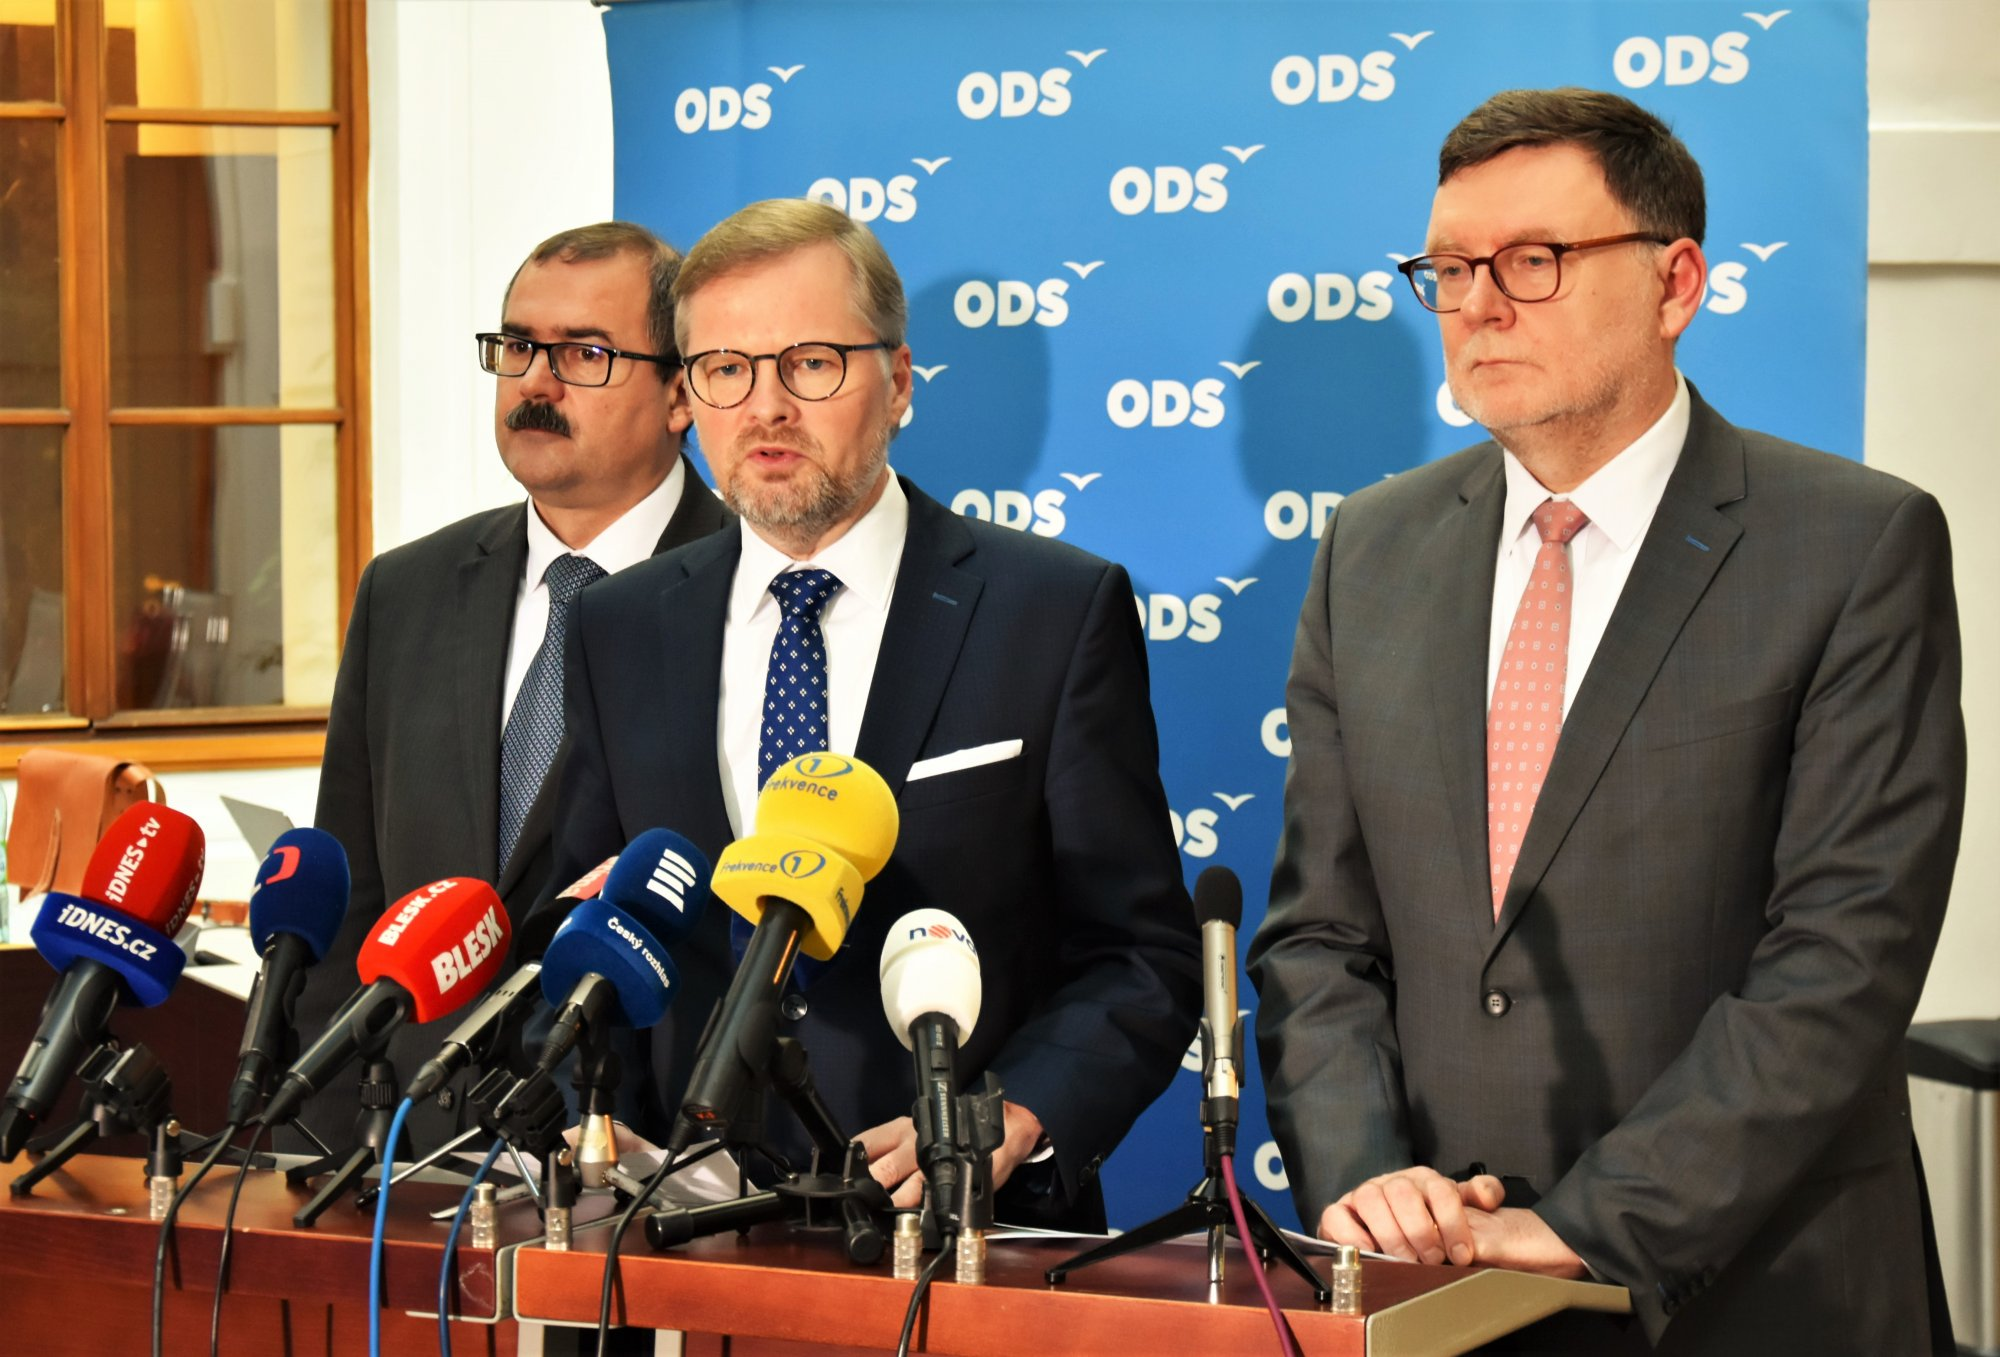 ODS: Nejmenování ředitele BIS může být pro Českou republiku bezpečnostní i reputační problém